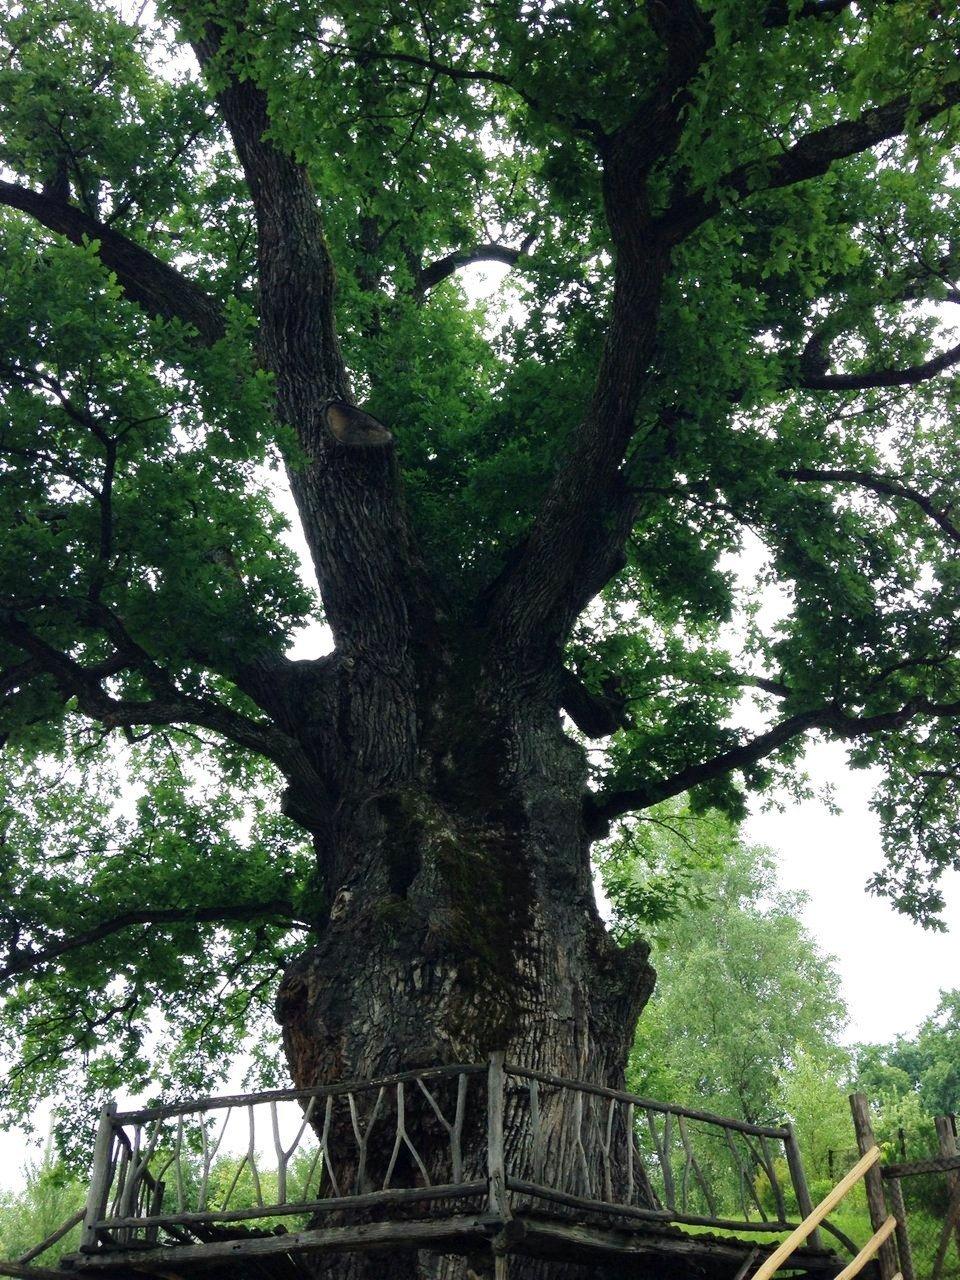 Закарпаття. Найстаріші дерева України ростуть у селі Стужиця